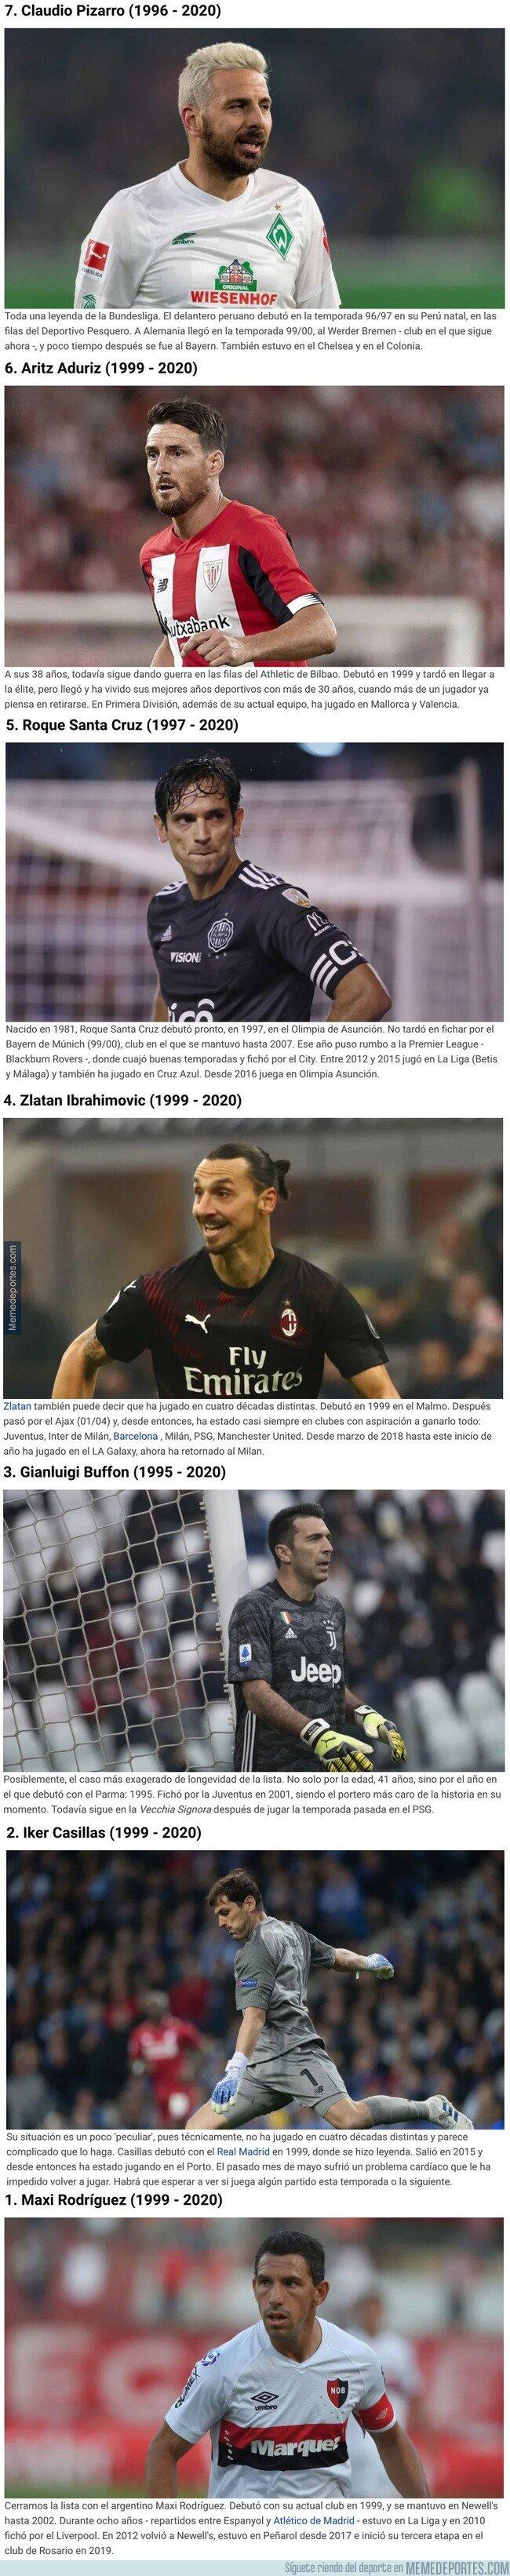 1095268 - 7 futbolistas que ya son leyendas que han jugado durante 4 décadas distintas